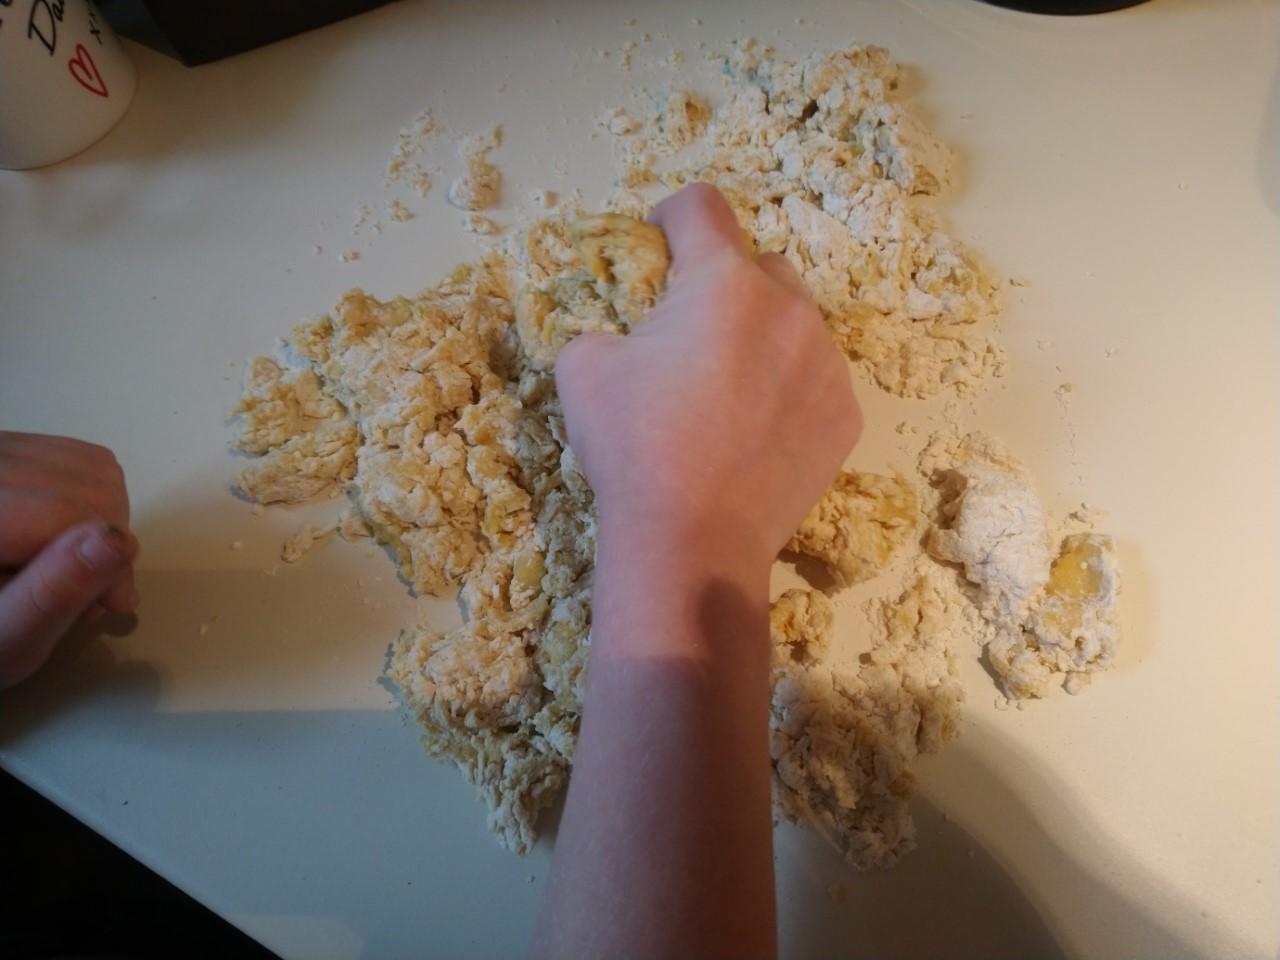 Dylan pasta